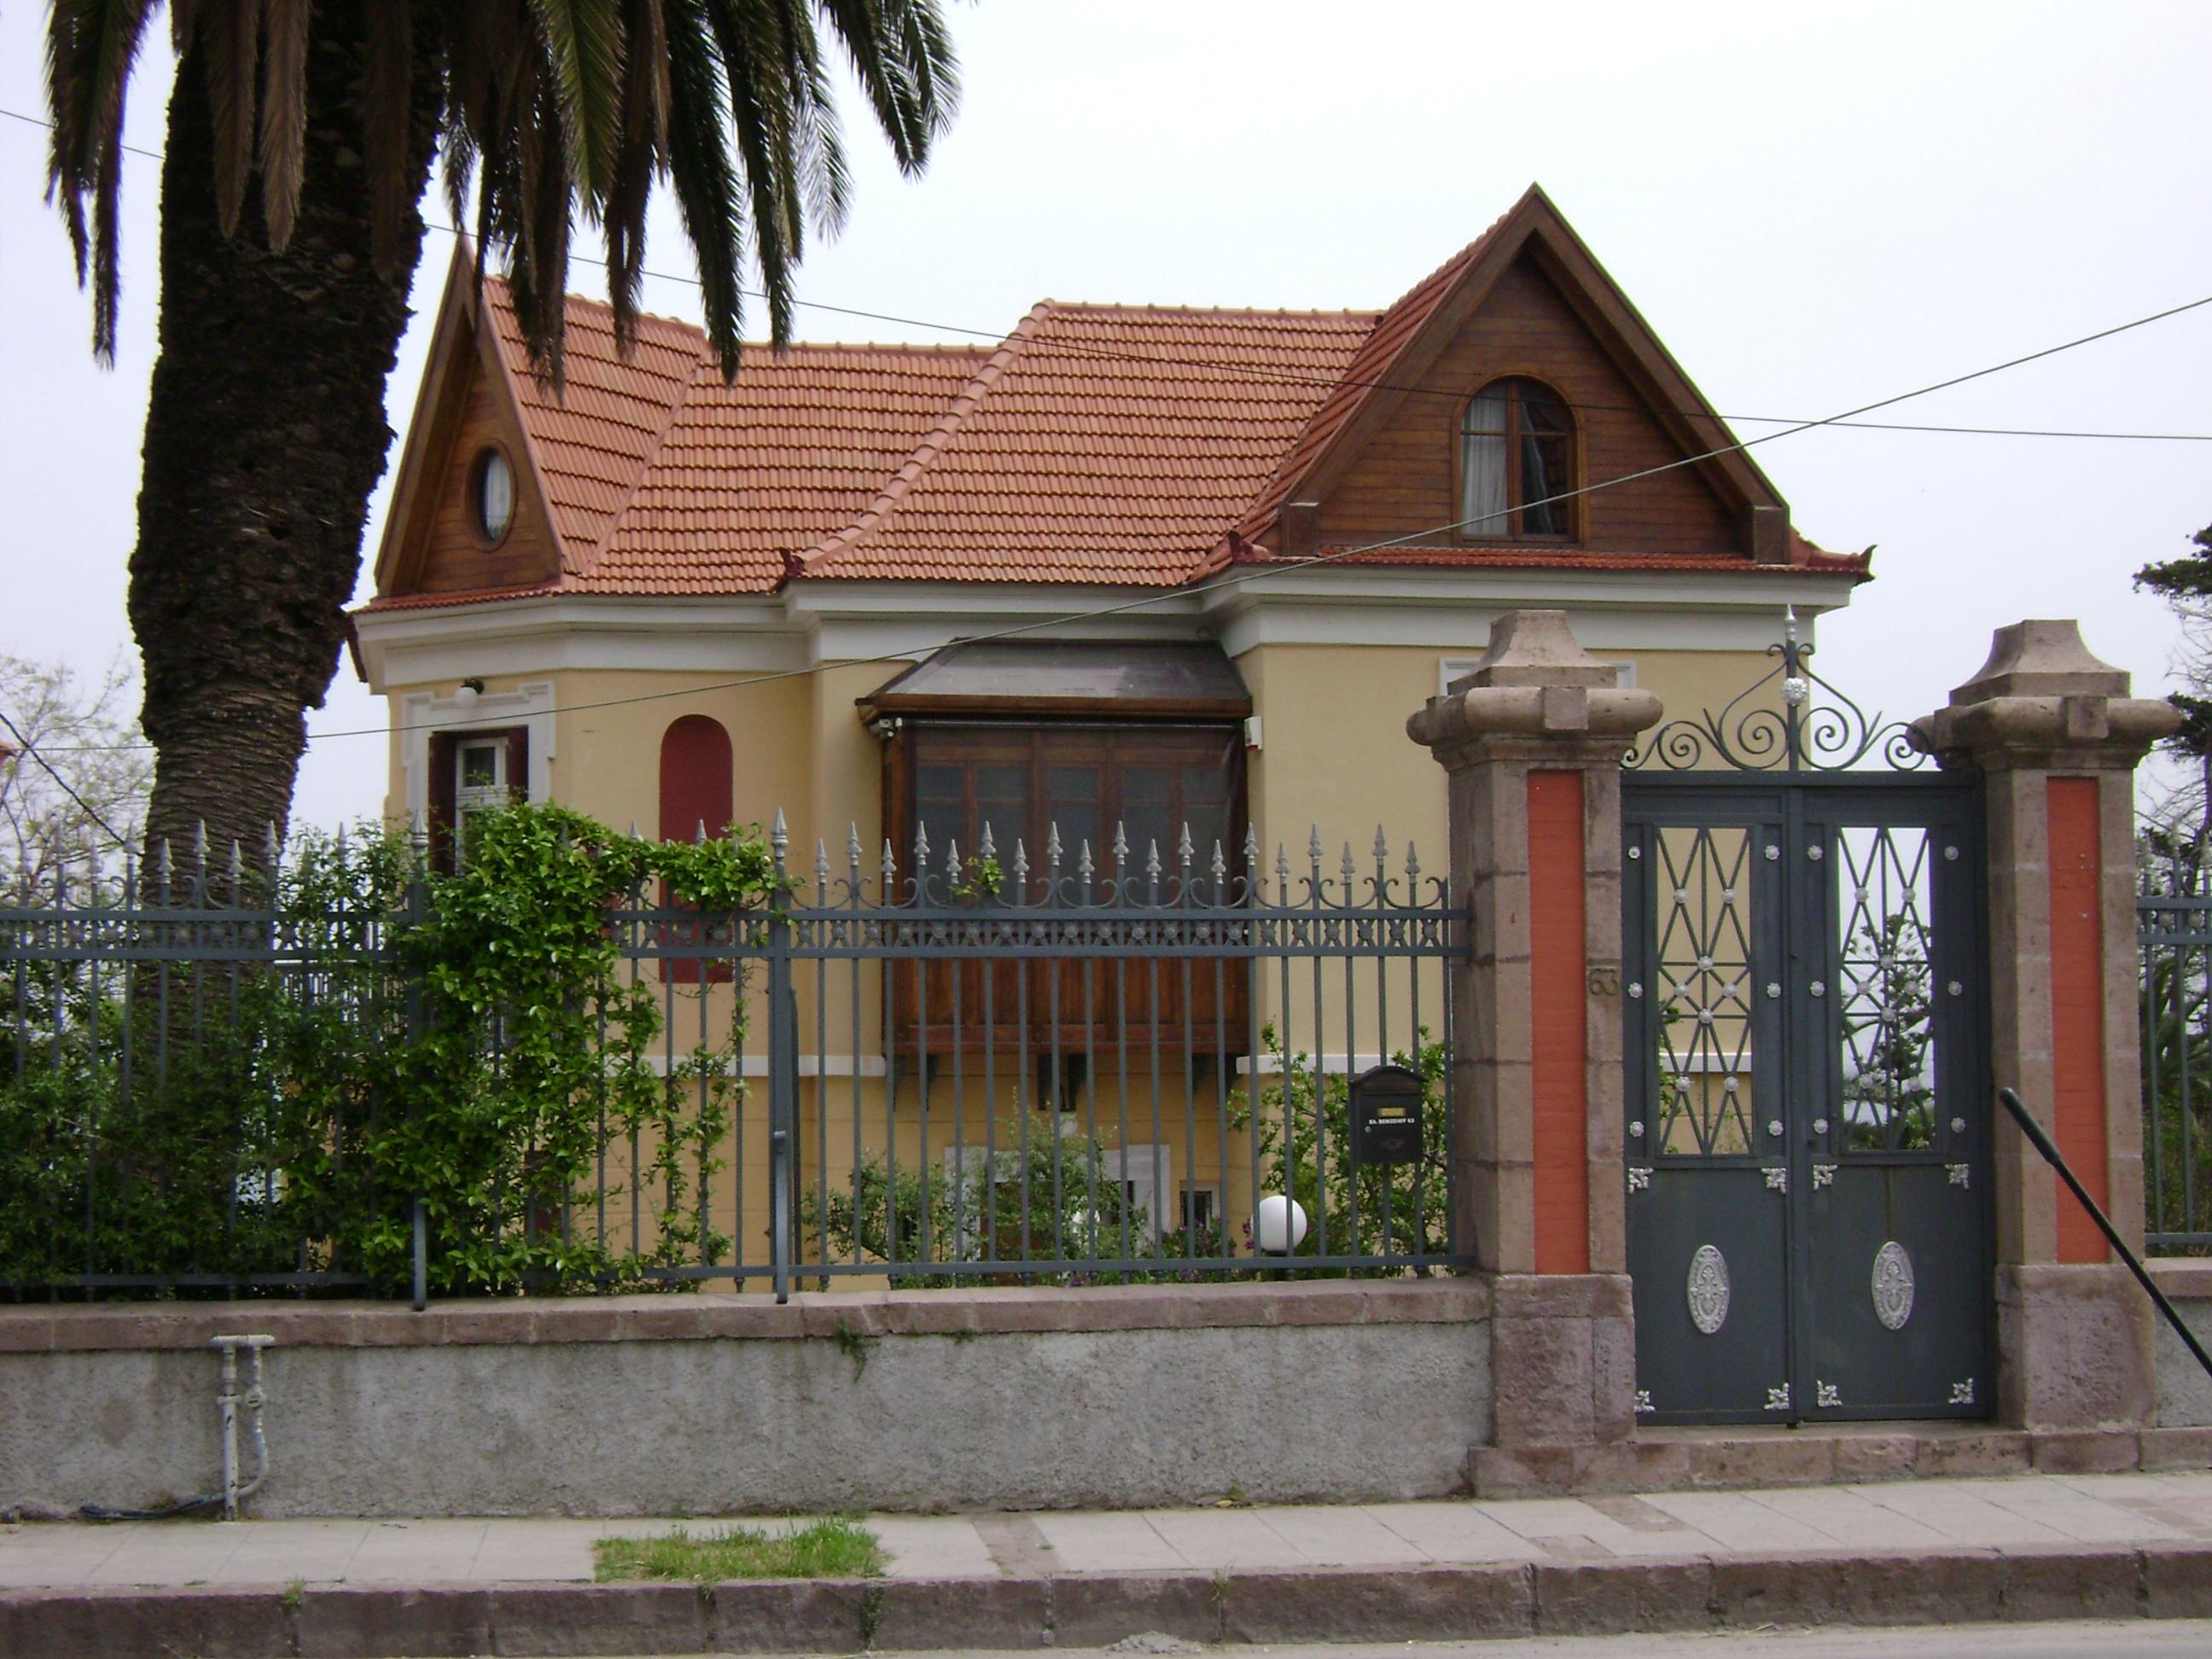 FileAttic HouseJPG Wikimedia Commons